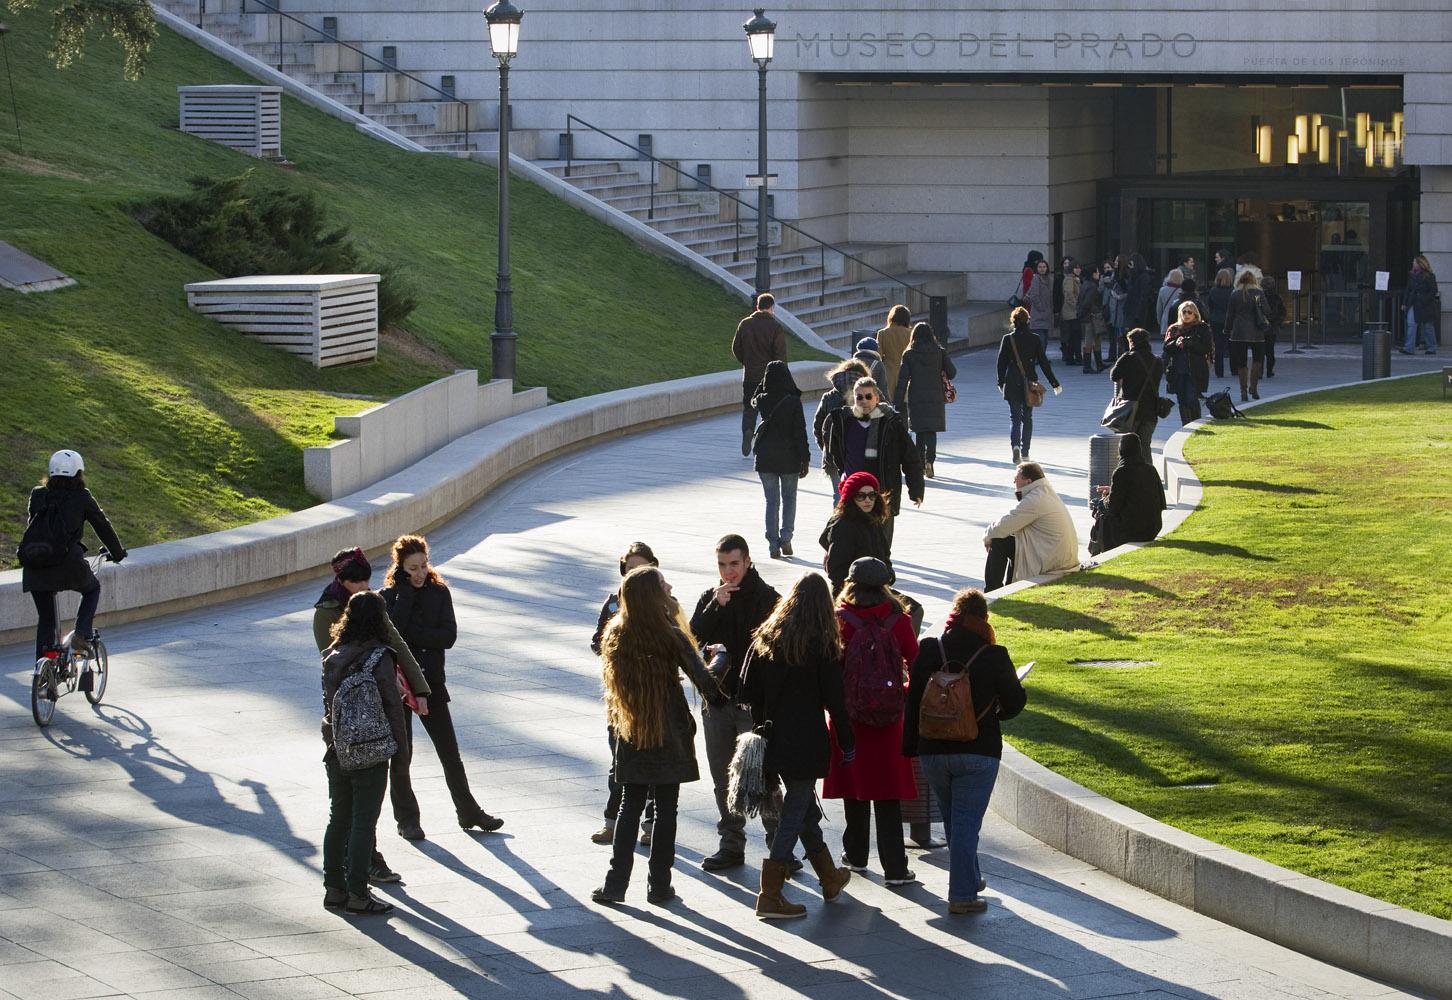 El Museo del Prado celebrará su 196 aniversario con el acceso gratuito a la colección permanente y exposiciones temporales